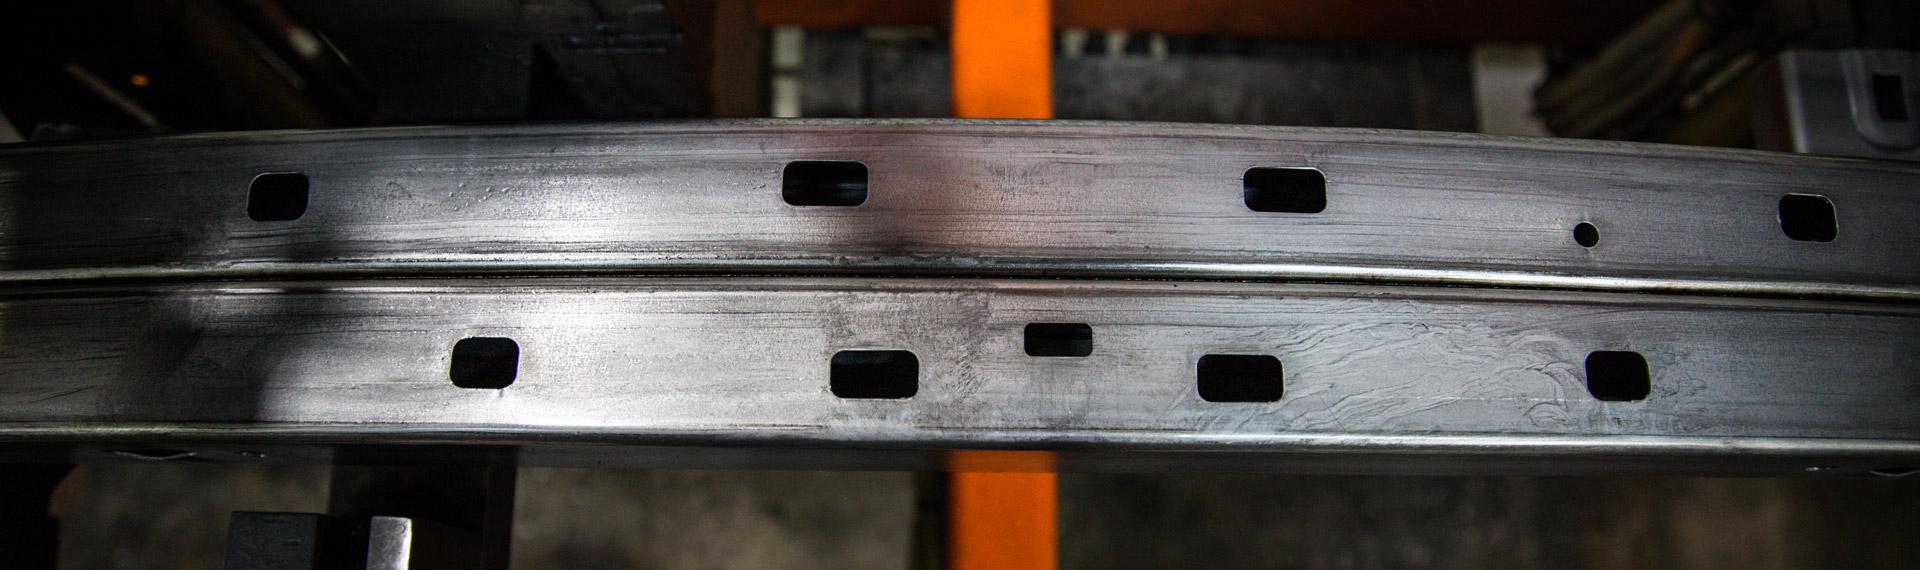 Lâminas de pára-choques feitas com aços Docol